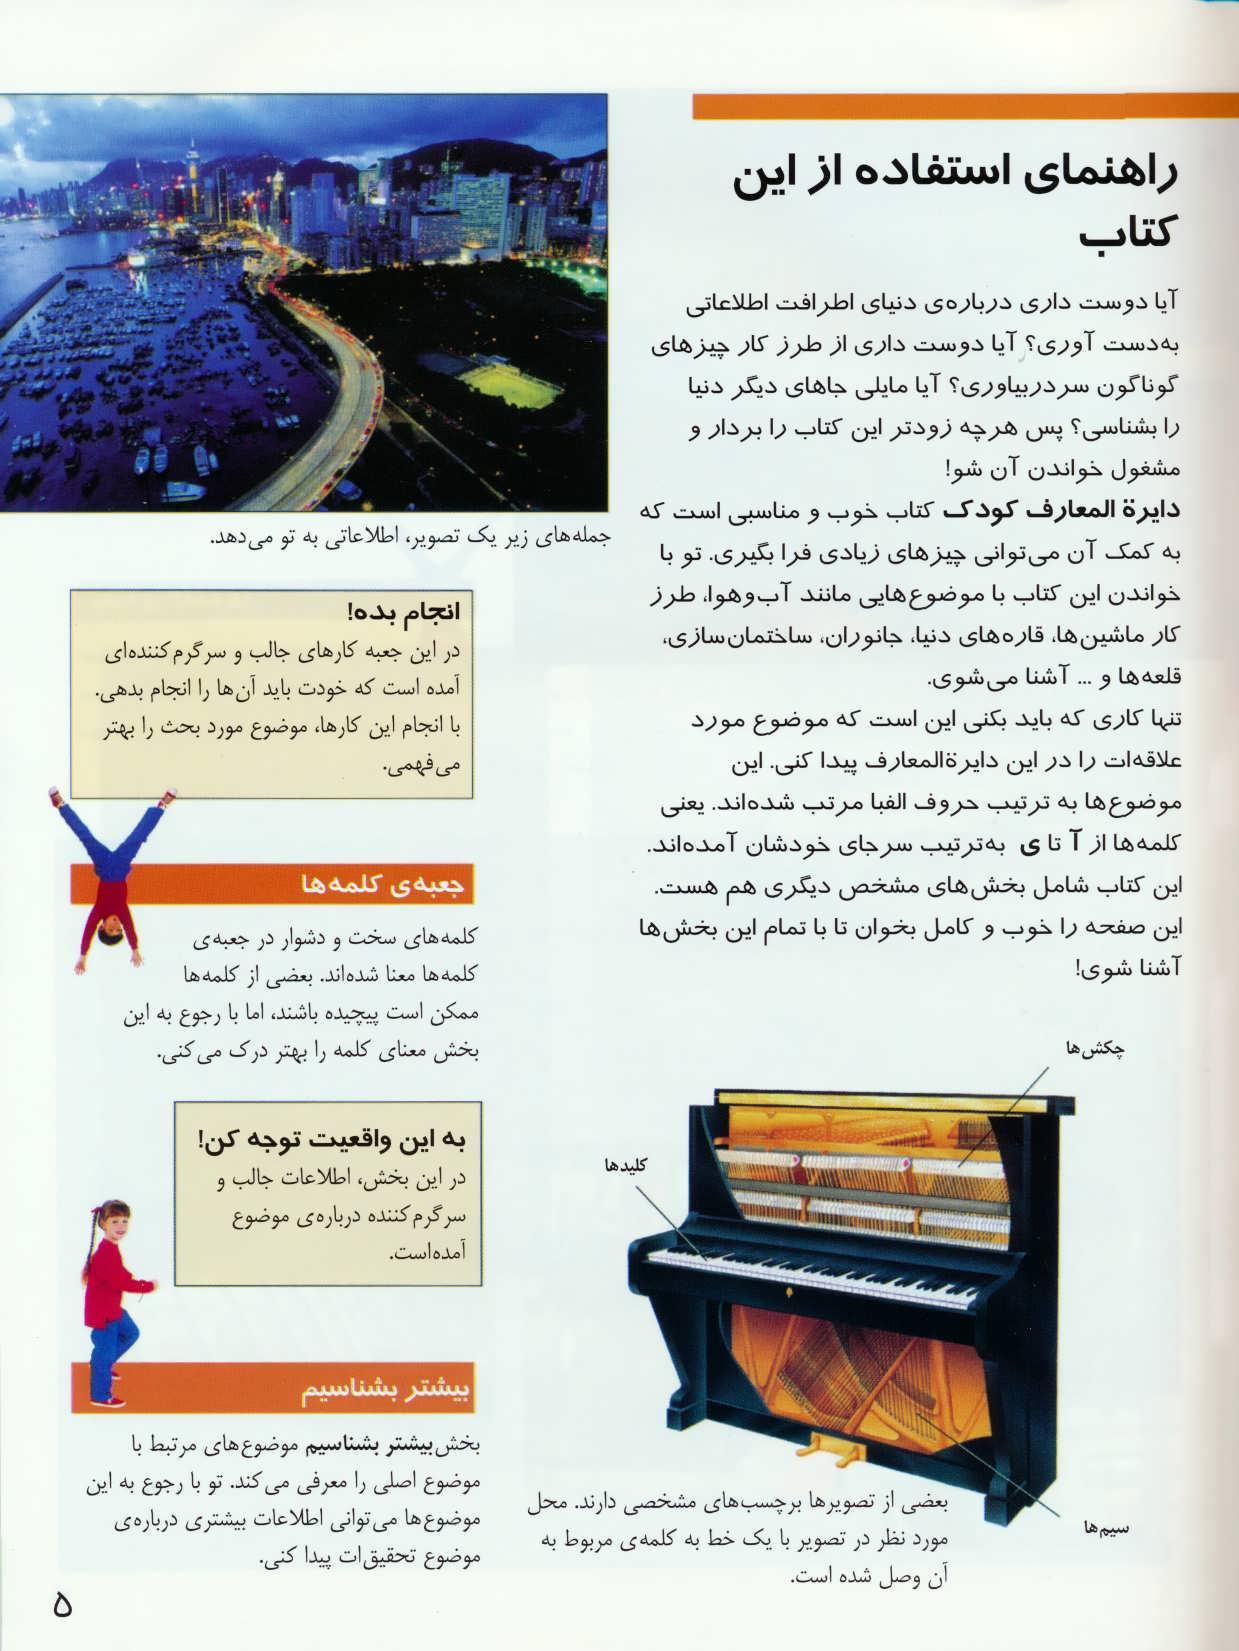 مجموعه کتاب های مرجع کودک (3جلدی،گلاسه،باقاب)